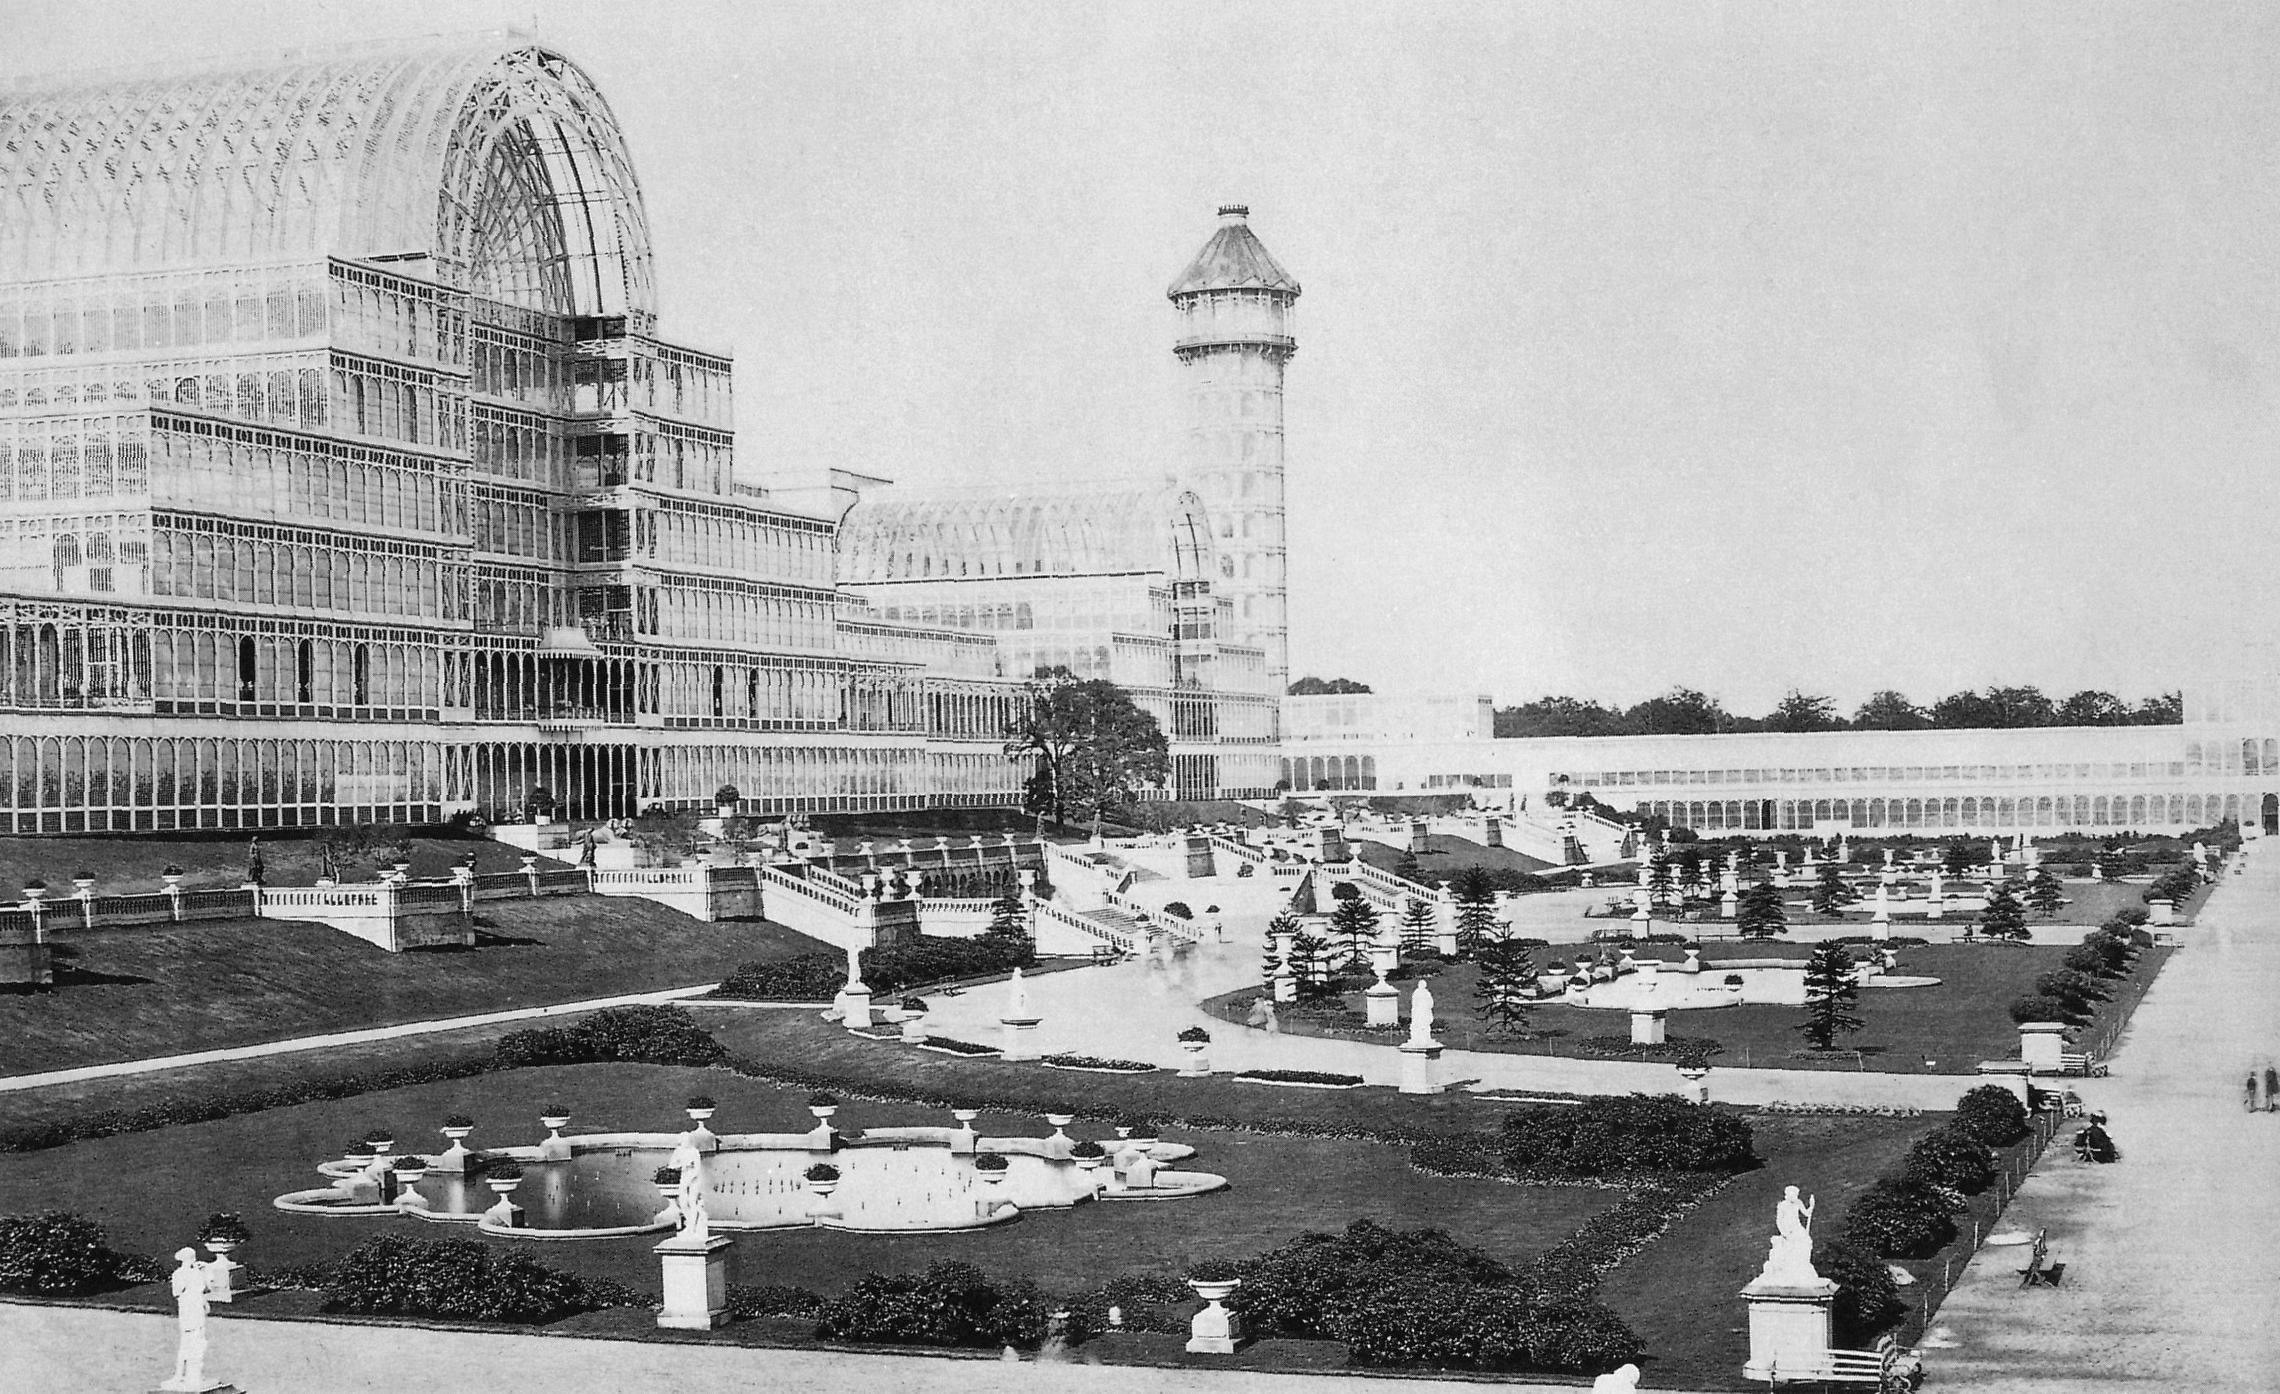 クリスタル・パレス(水晶宮) 1851年 第1回ロンドン万国博覧会の会場 ...